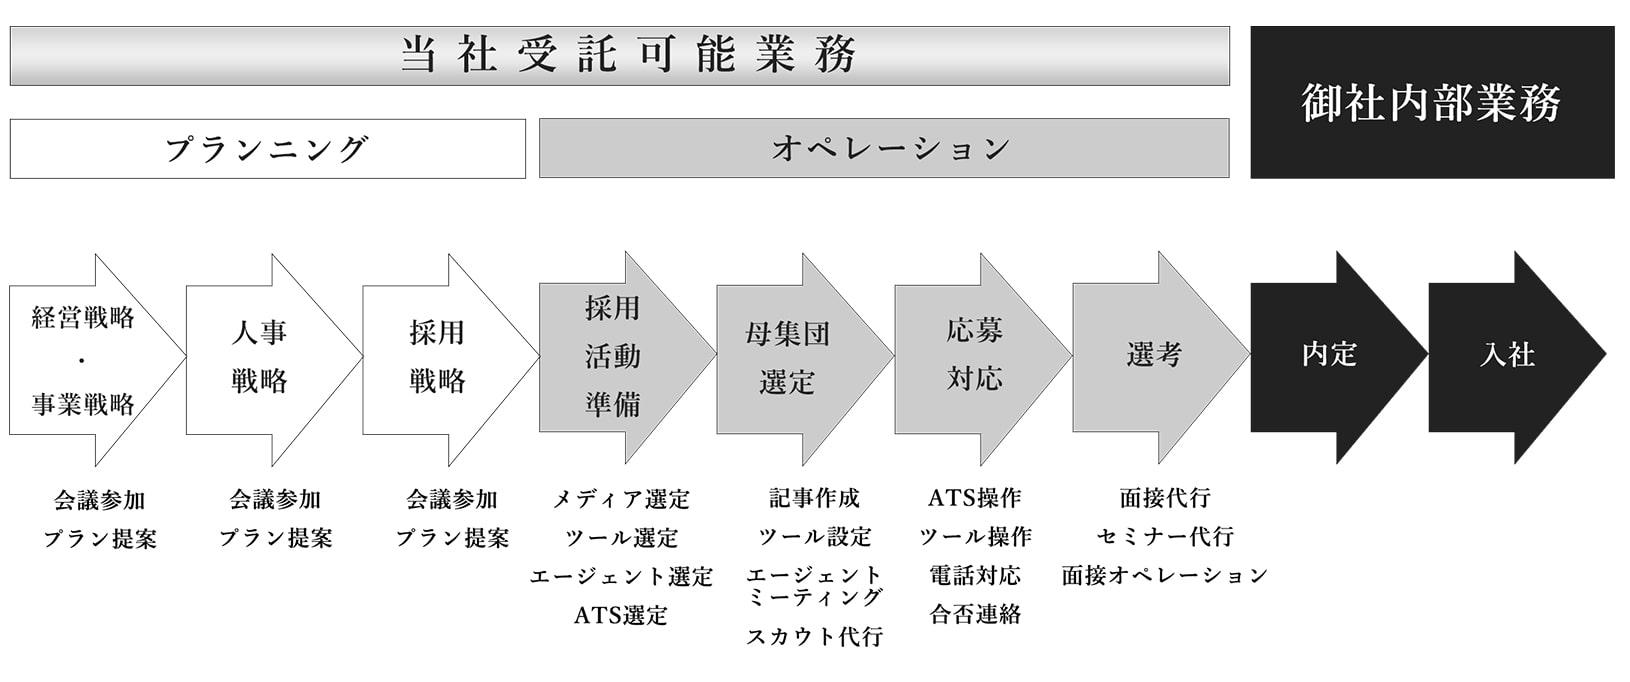 RPO/BPO事業について分かりやすくした図表です